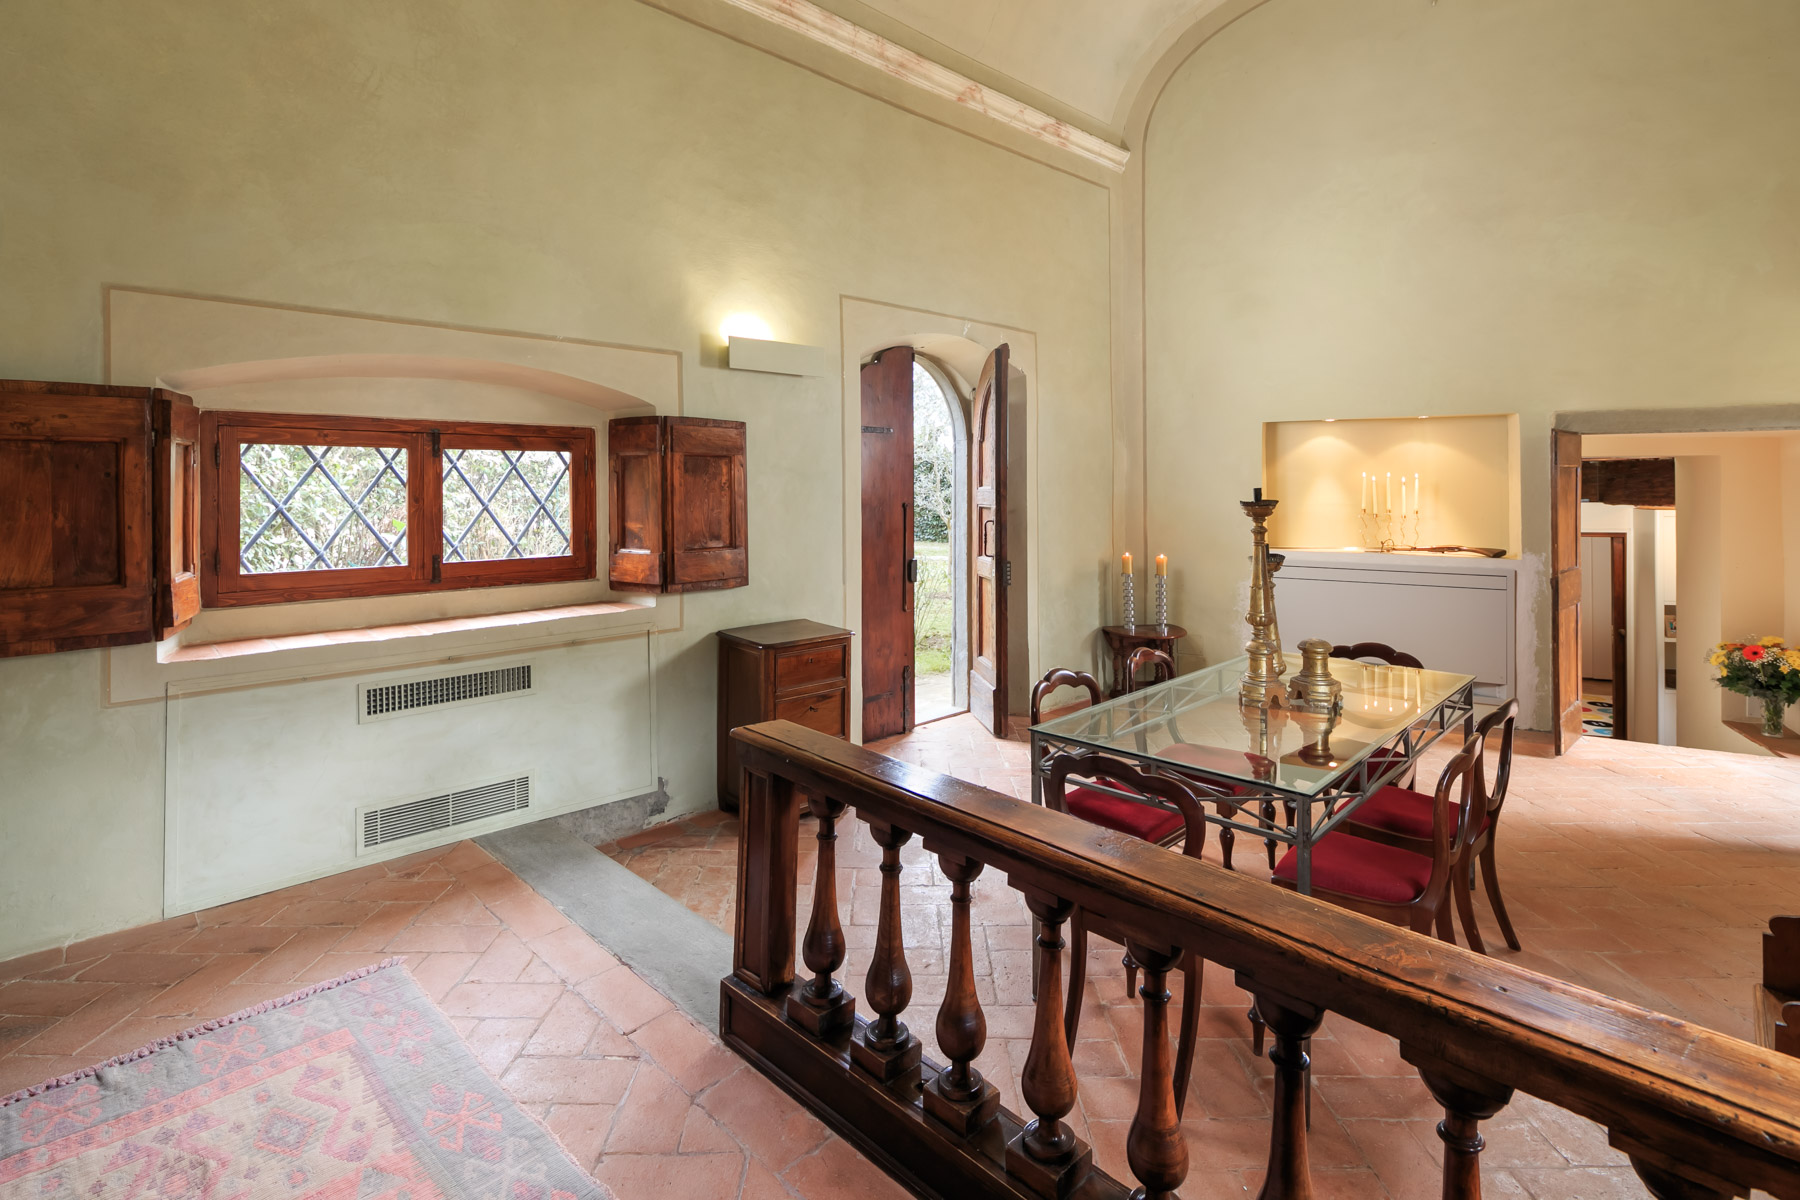 Rustico in Vendita a Firenze: 5 locali, 230 mq - Foto 8